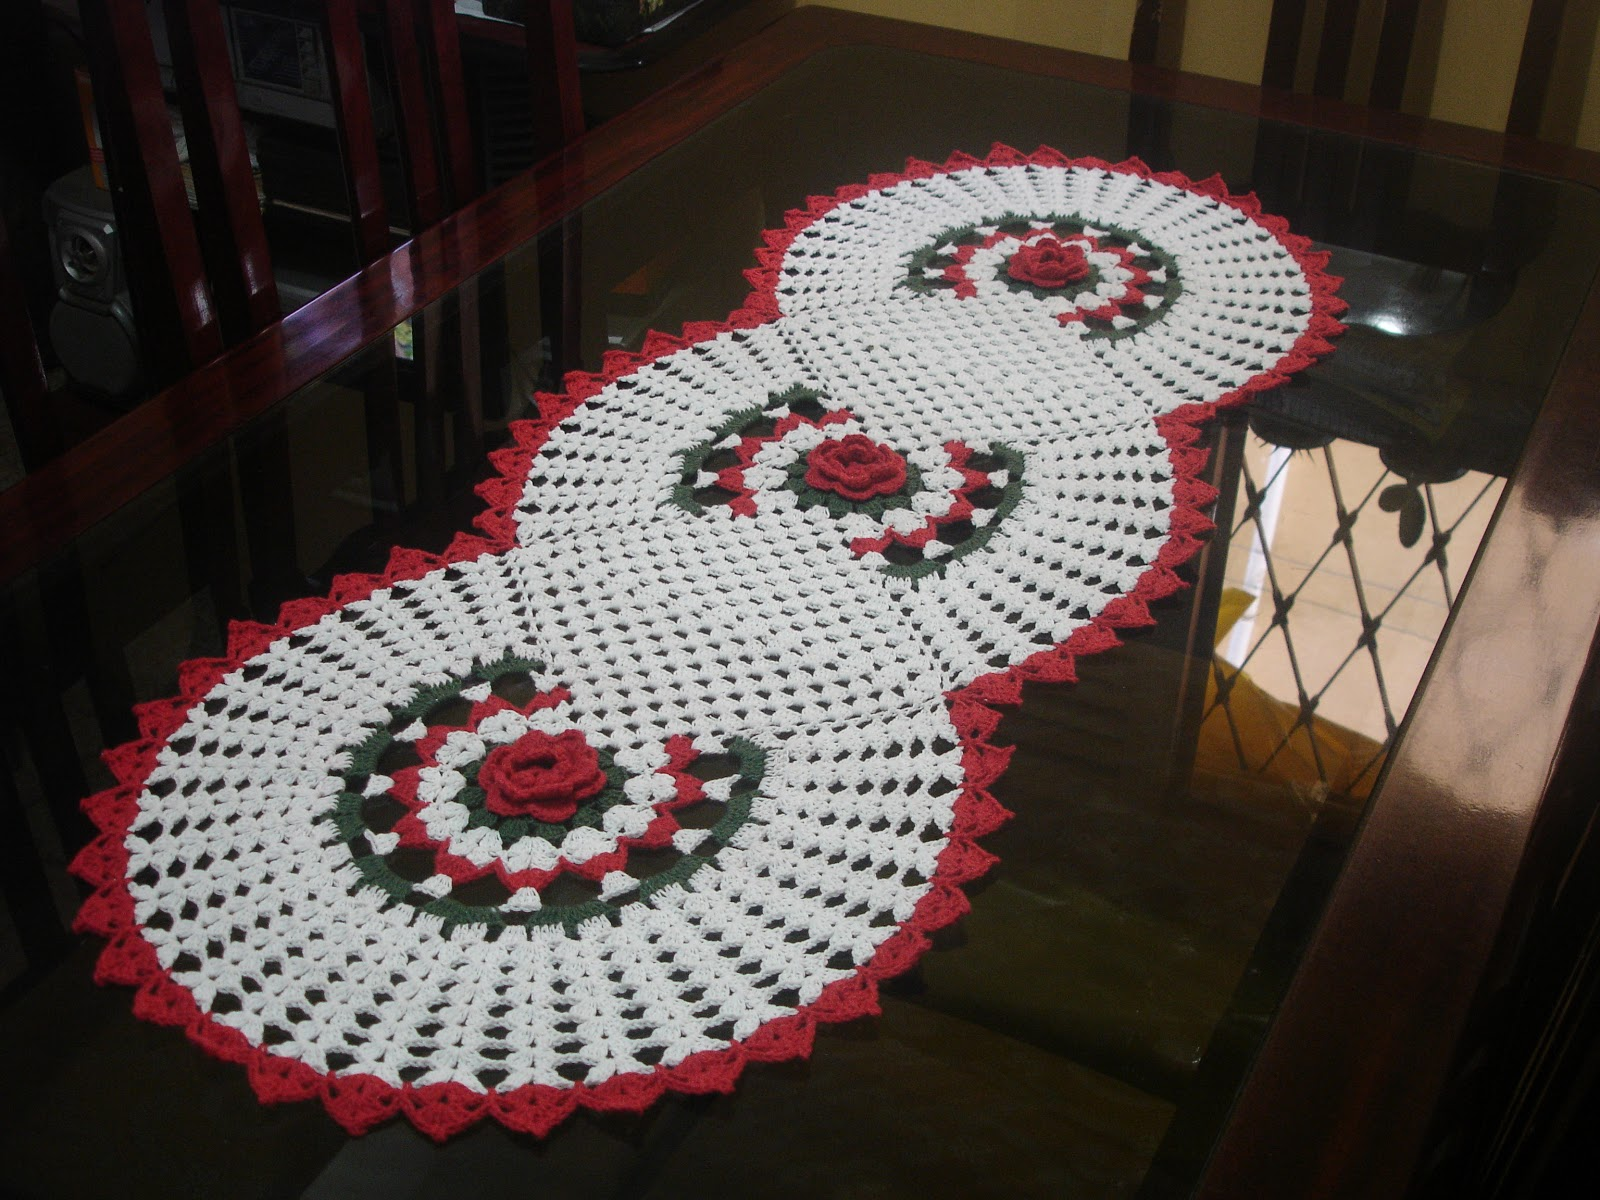 Colchas de Crochę - ::Pontos em crochę - Esquemas - Graficos